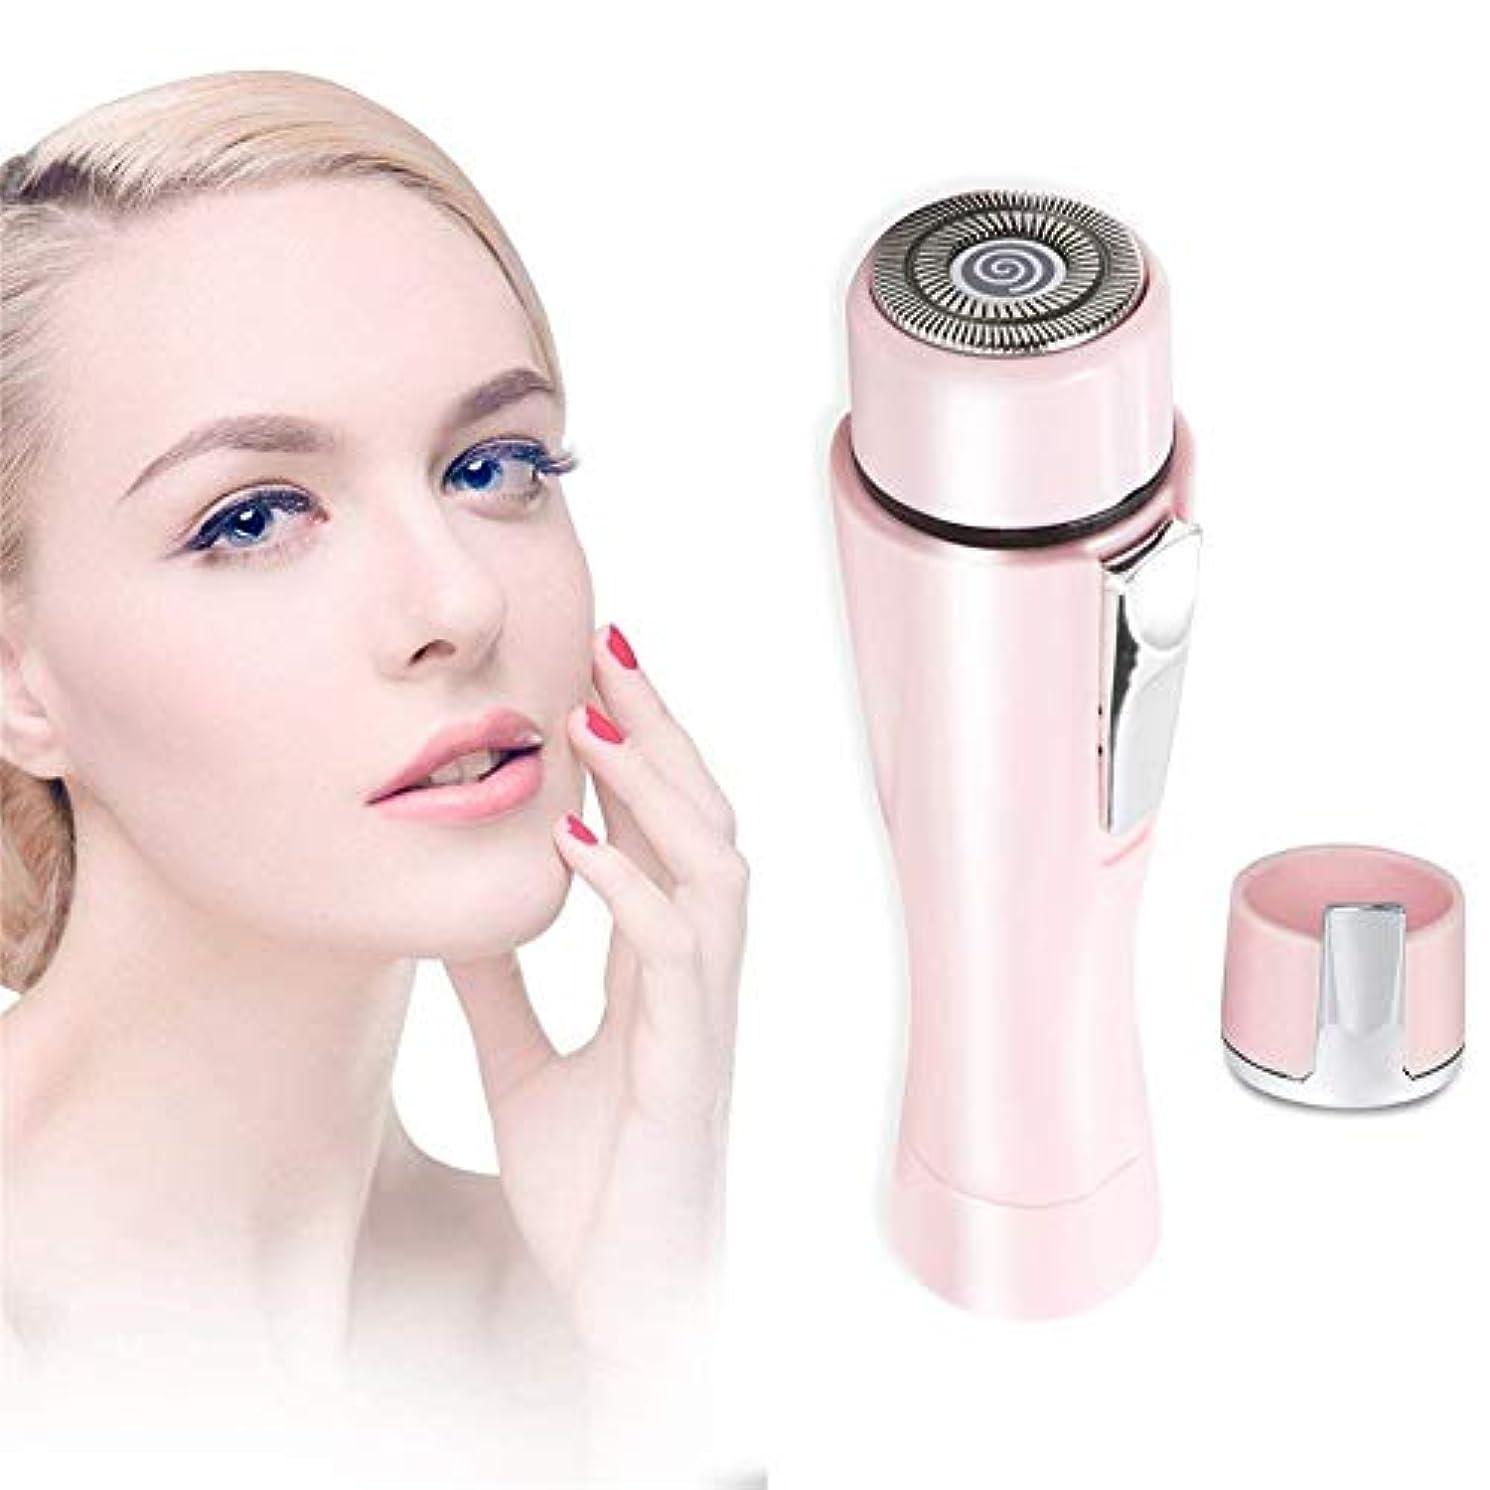 壁イタリック慢電気毛の除去剤、痛みのない顔の毛の除去剤、完璧な女性の顔の毛のトリマー - ピーチファズ、あご&上唇の口ひげの毛の効果的な除去